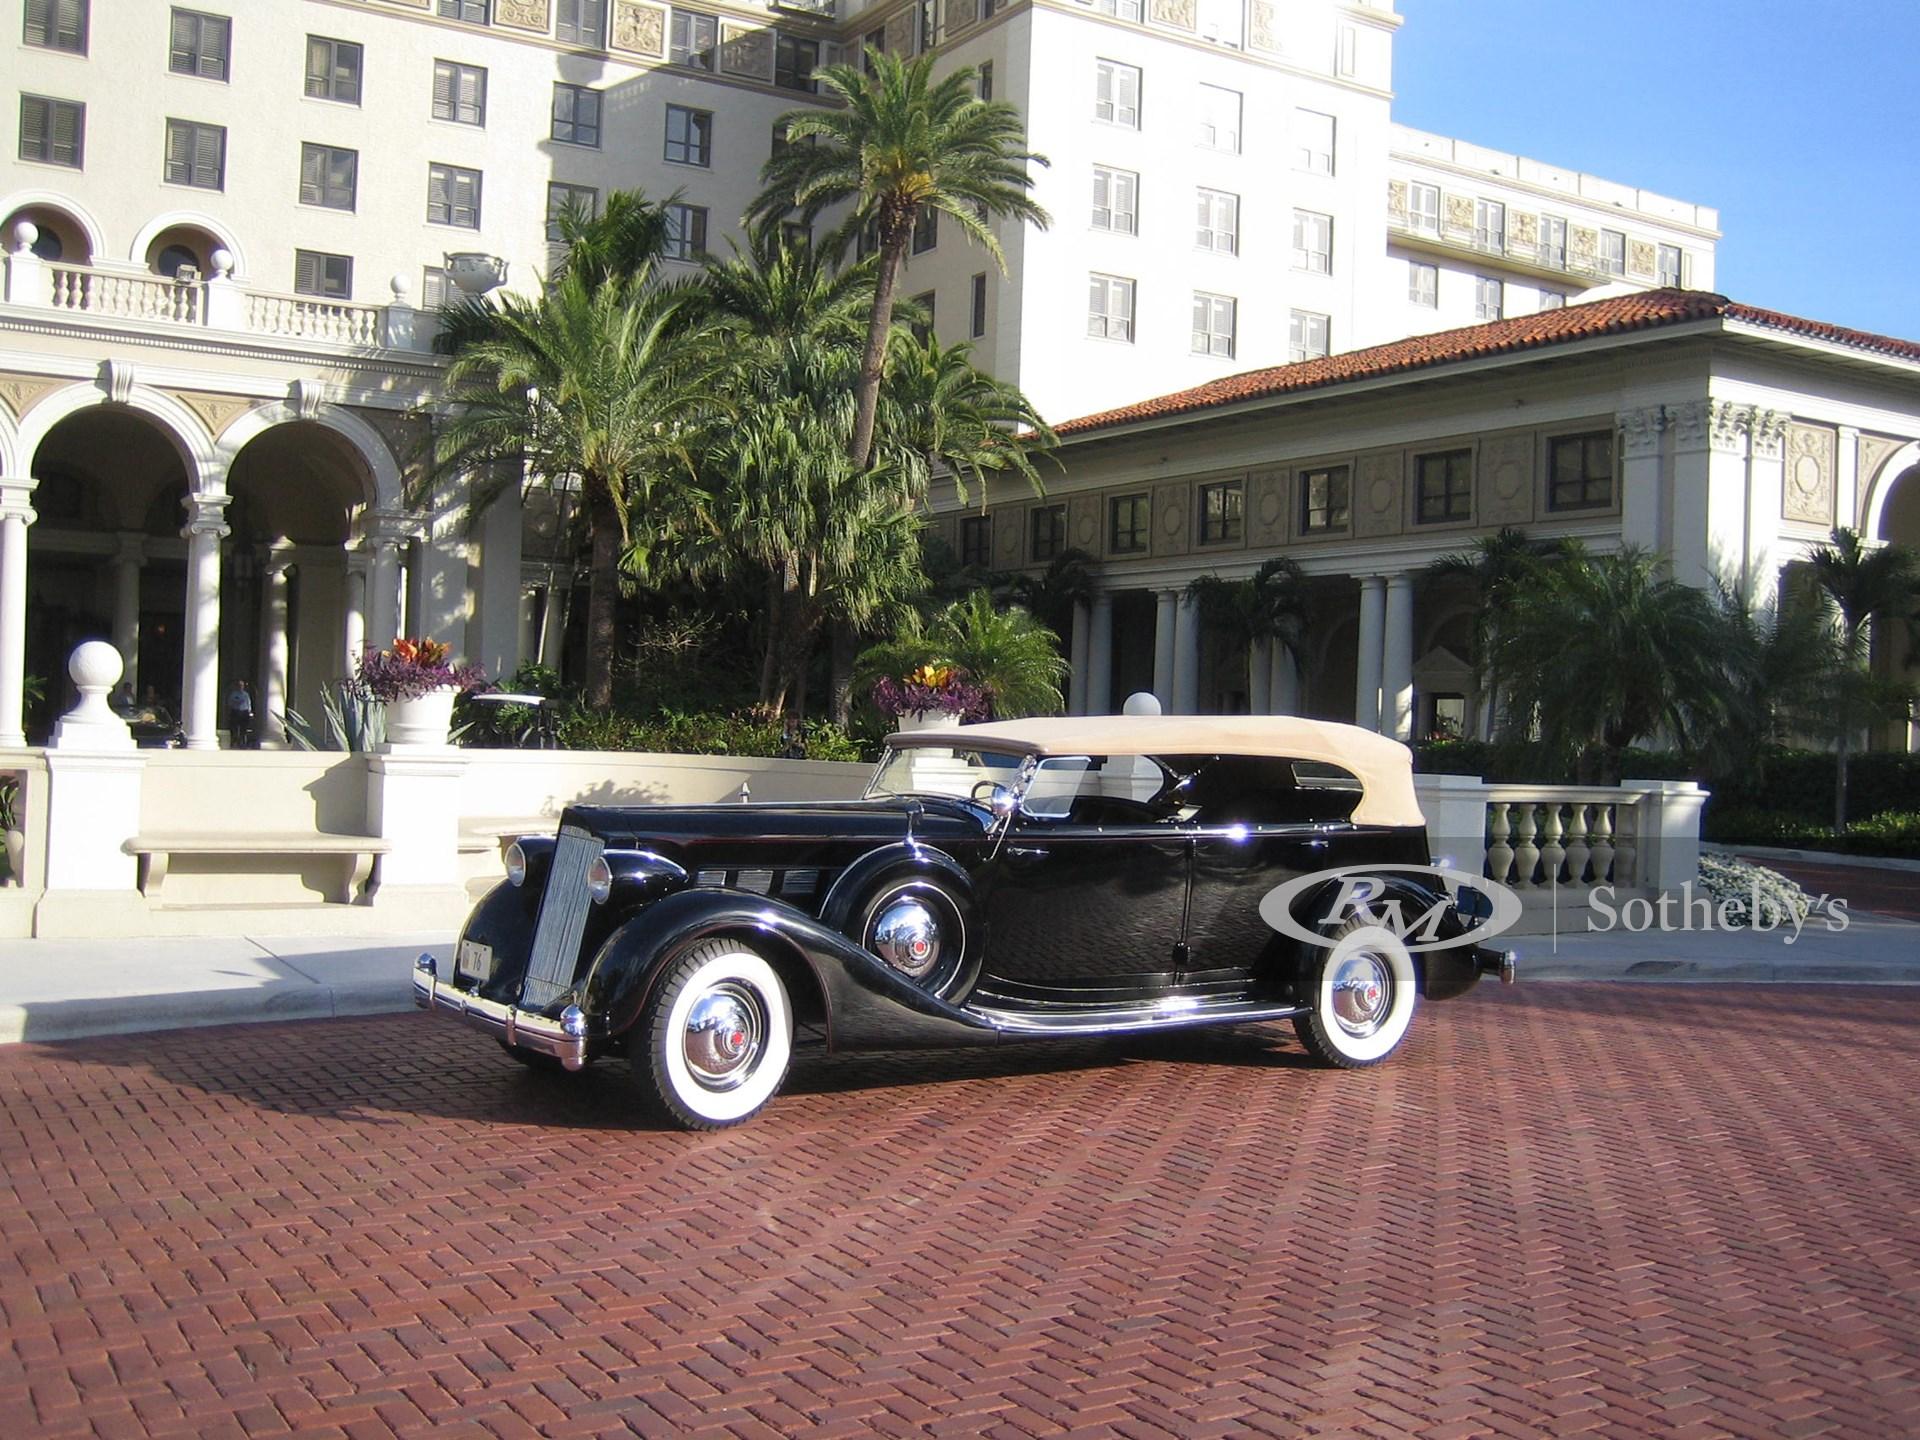 1936 Packard Super 8 Seven-Passenger Phaeton